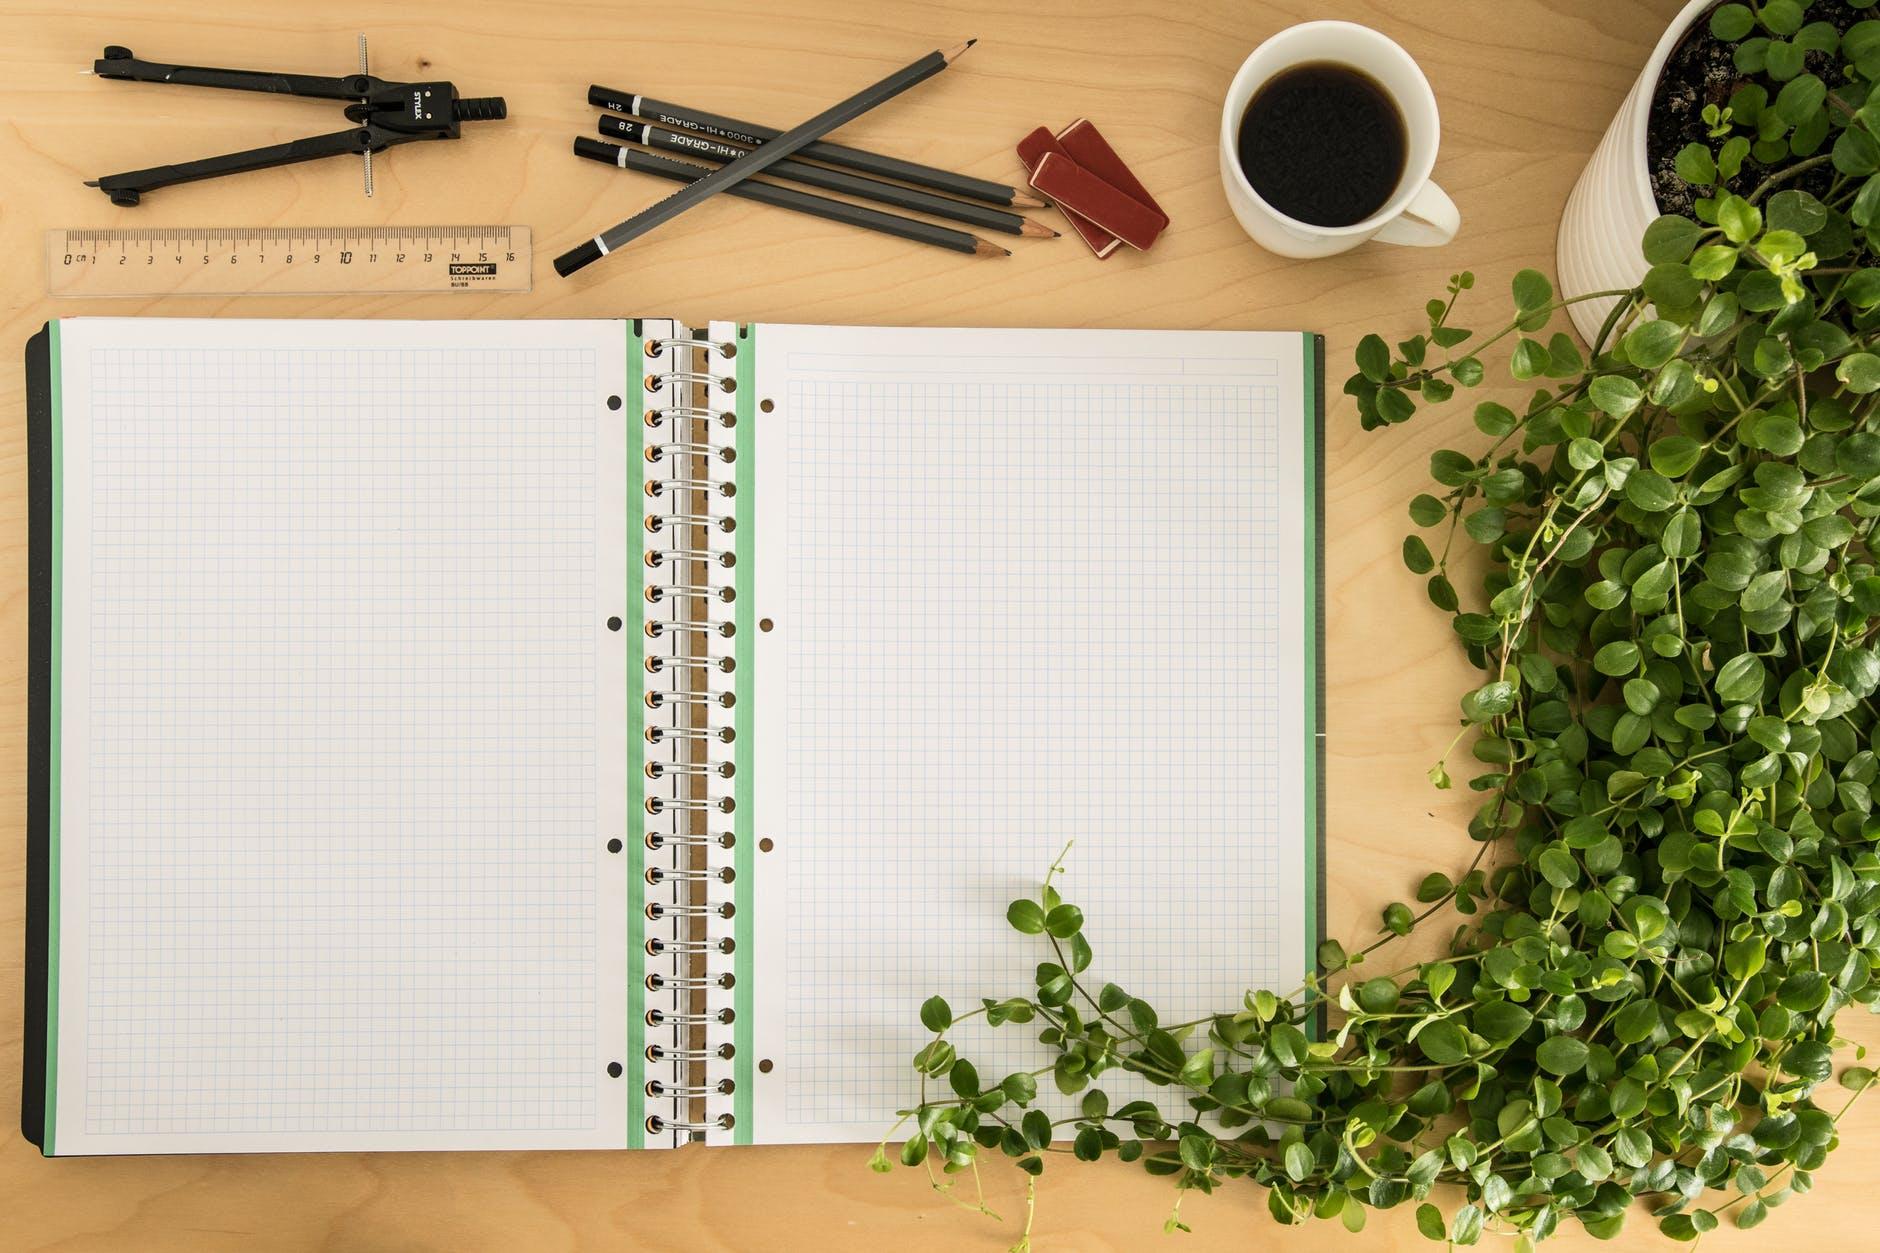 Cuadernos para tomar apuntes